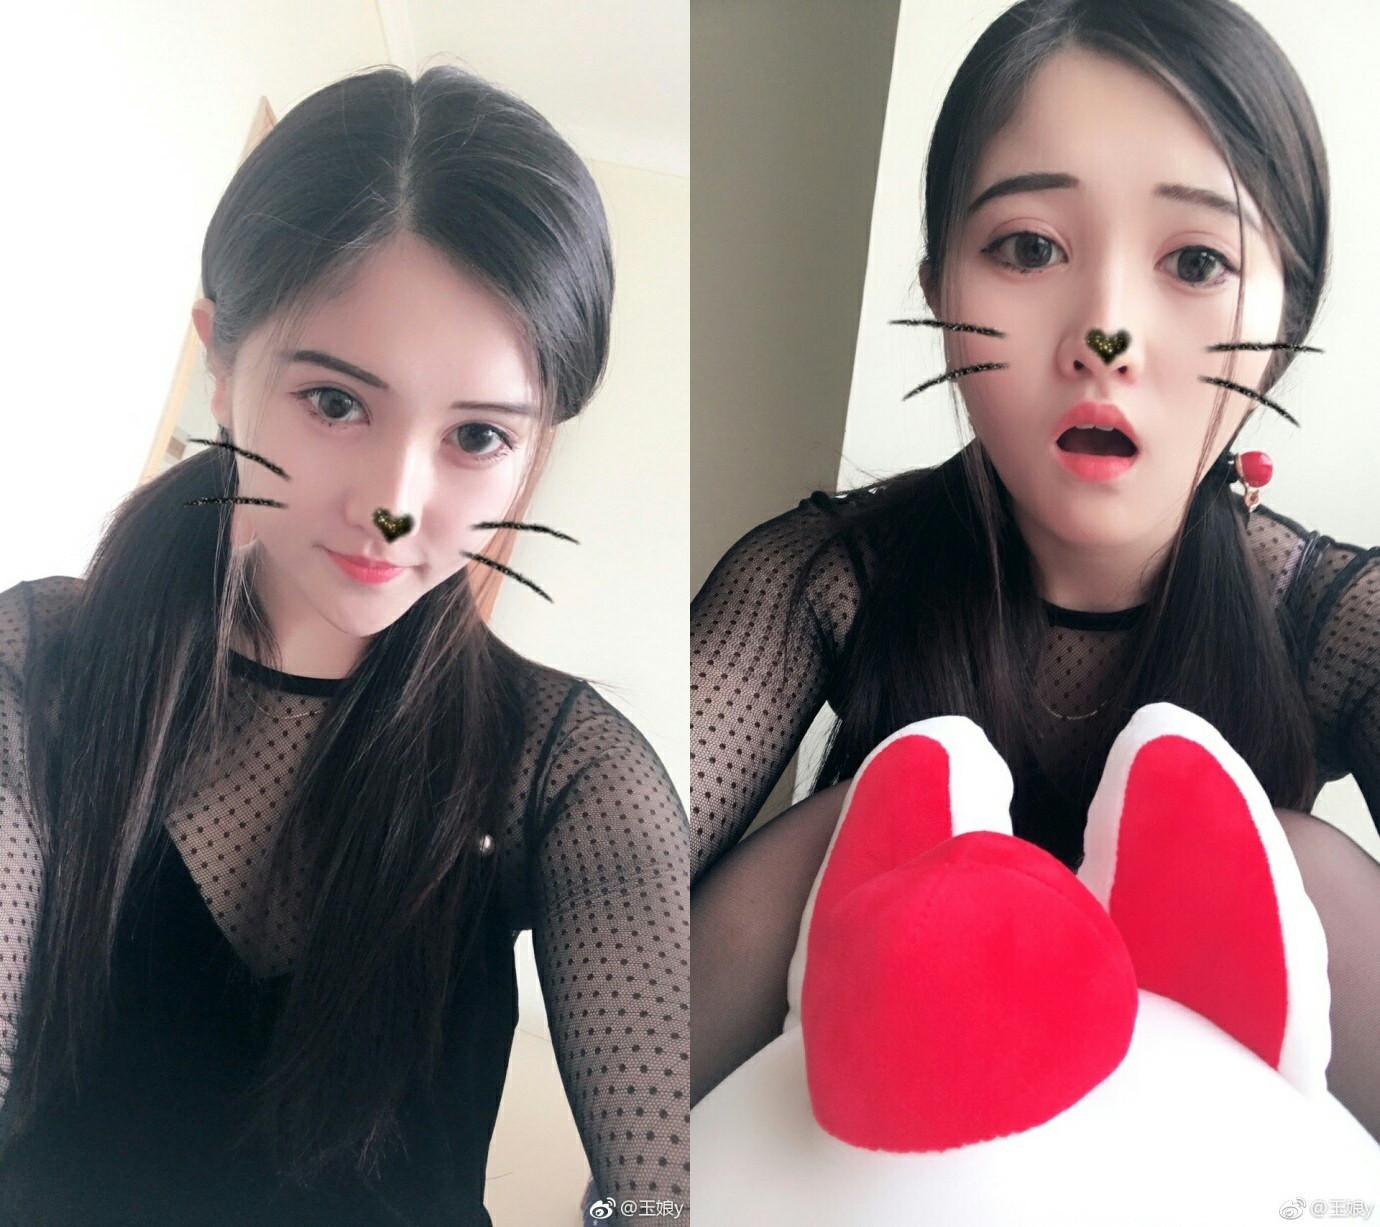 微博红人丨「小玉娘y」美图赚赚最新合集包(20V)